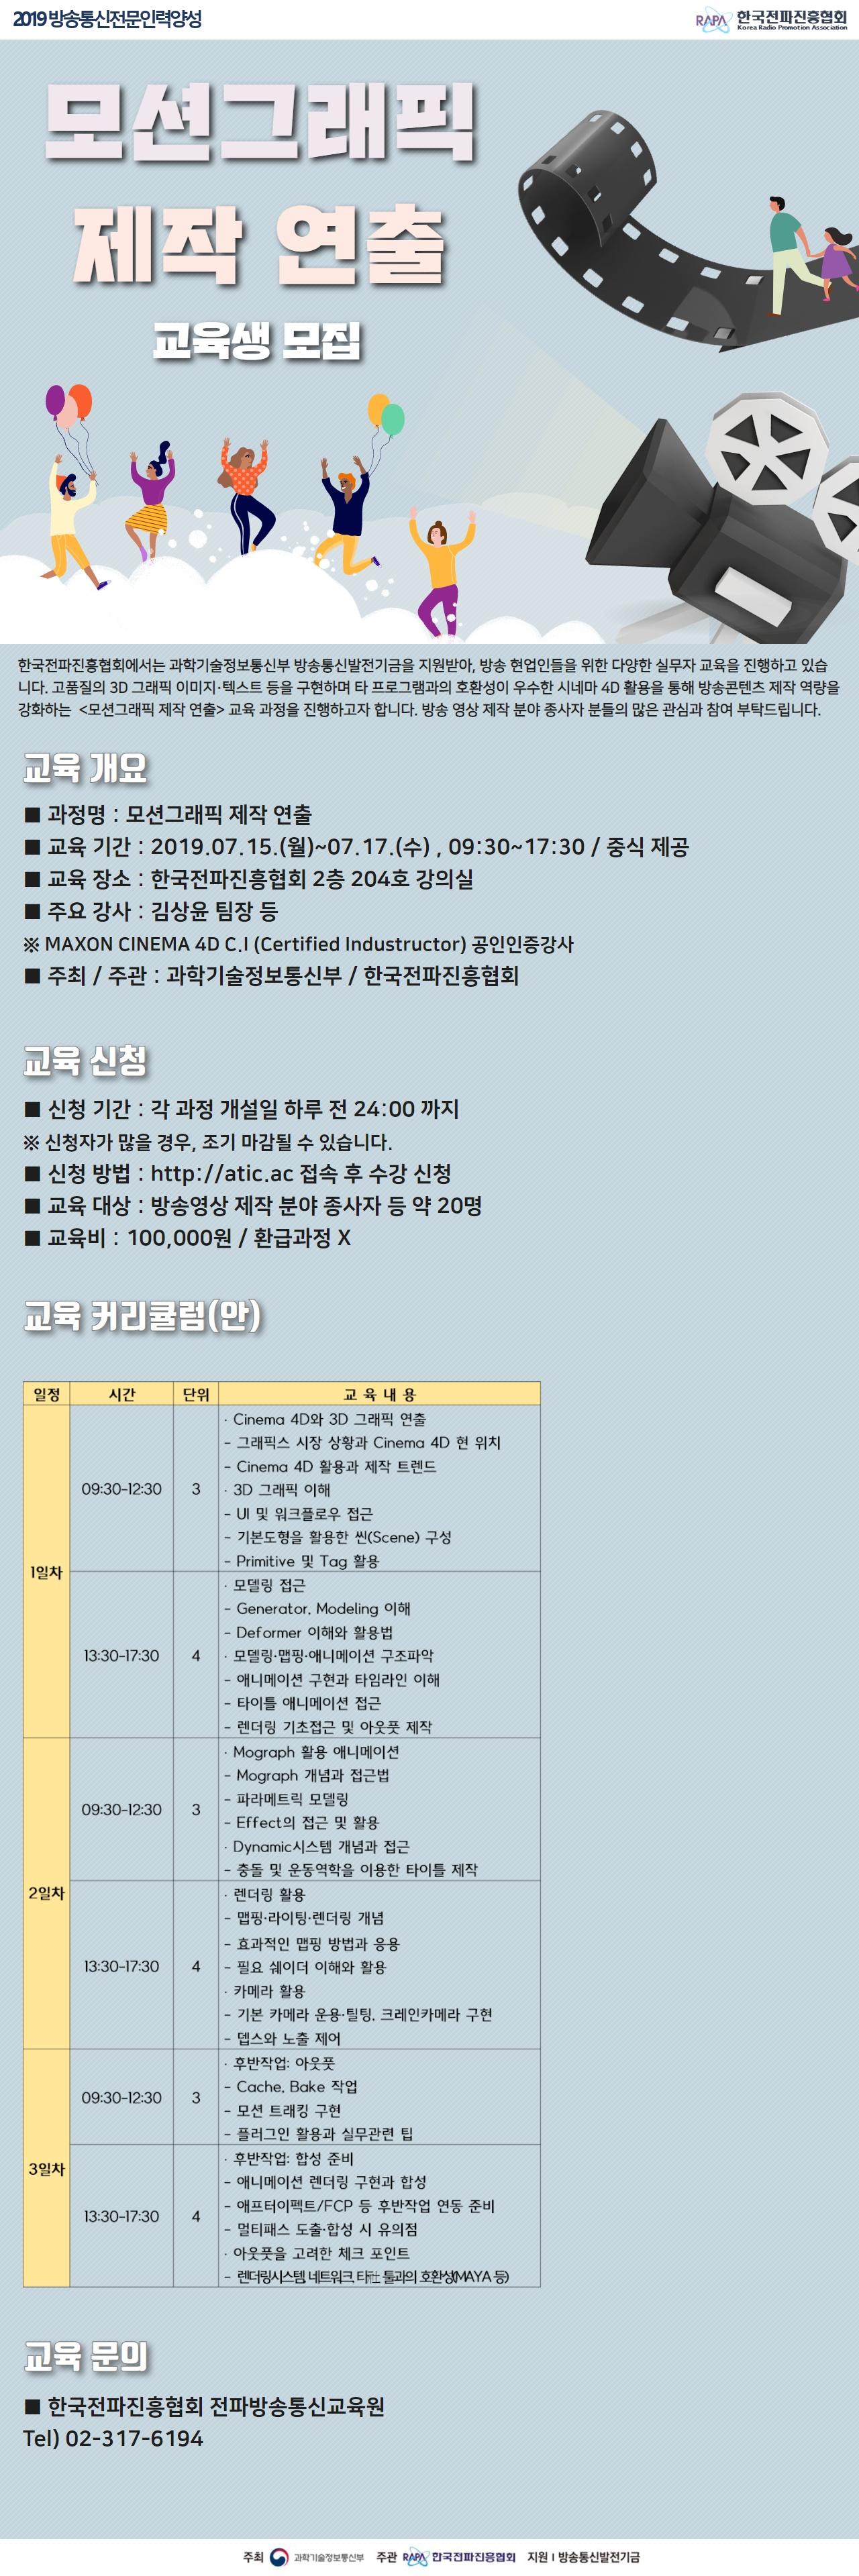 모션그래픽 제작 연출_홍보시안 (2).jpg